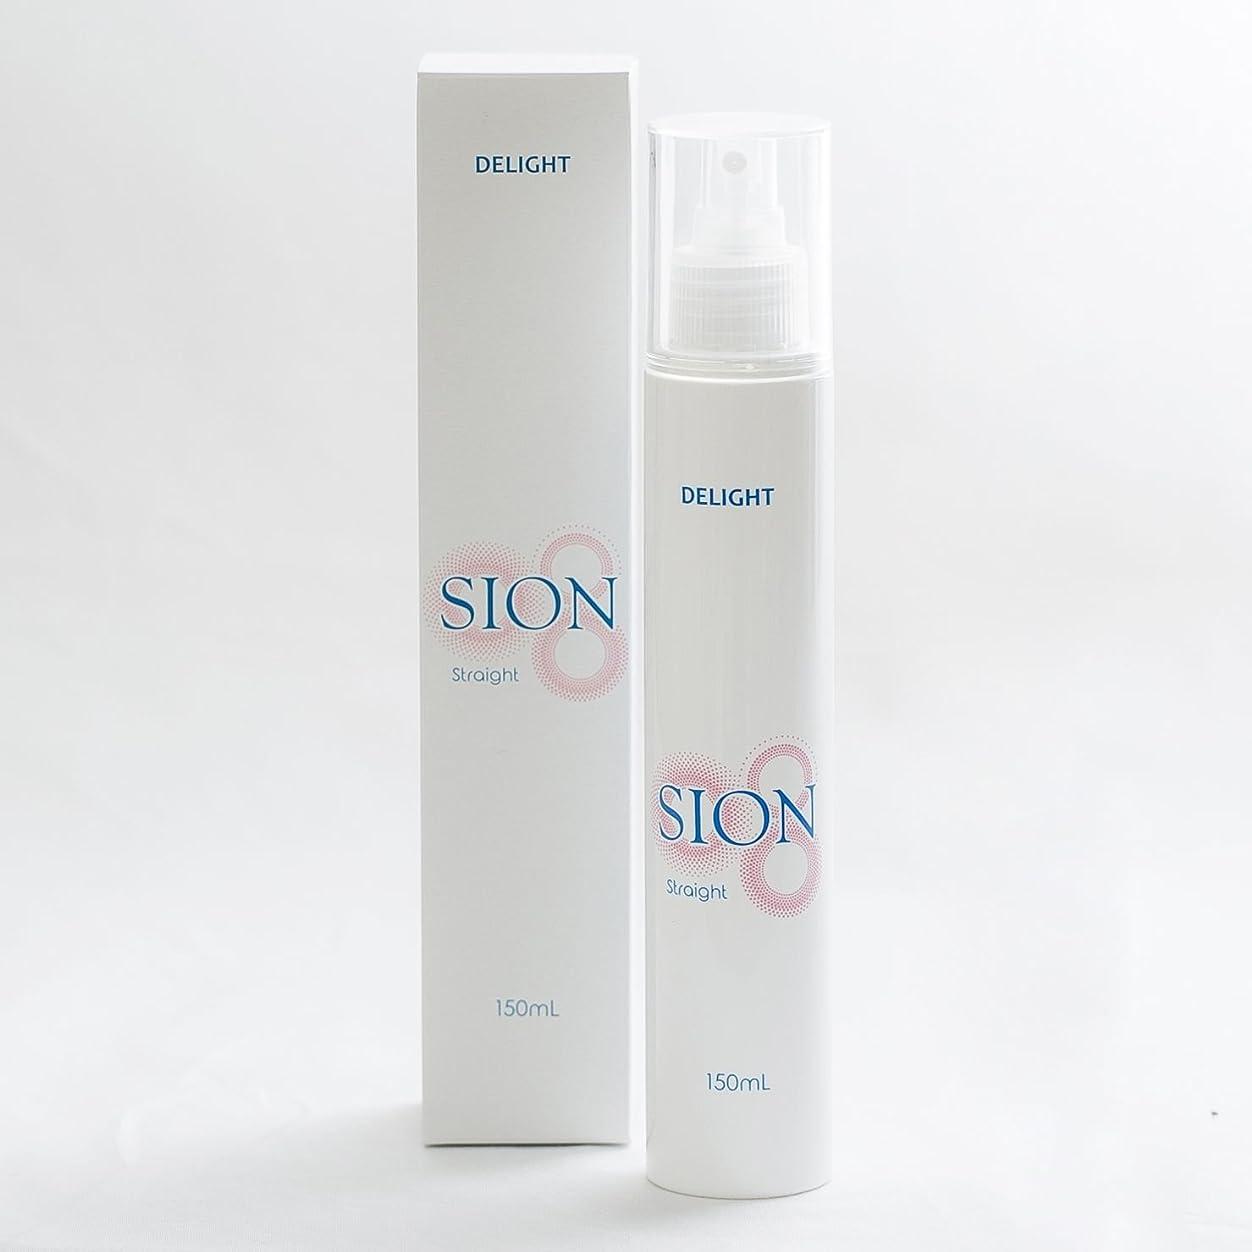 食事を調理する専門知識すり減る[DELIGHT] SION Straight 150mL 化粧水 高機能還元性イオン水 (S-109)